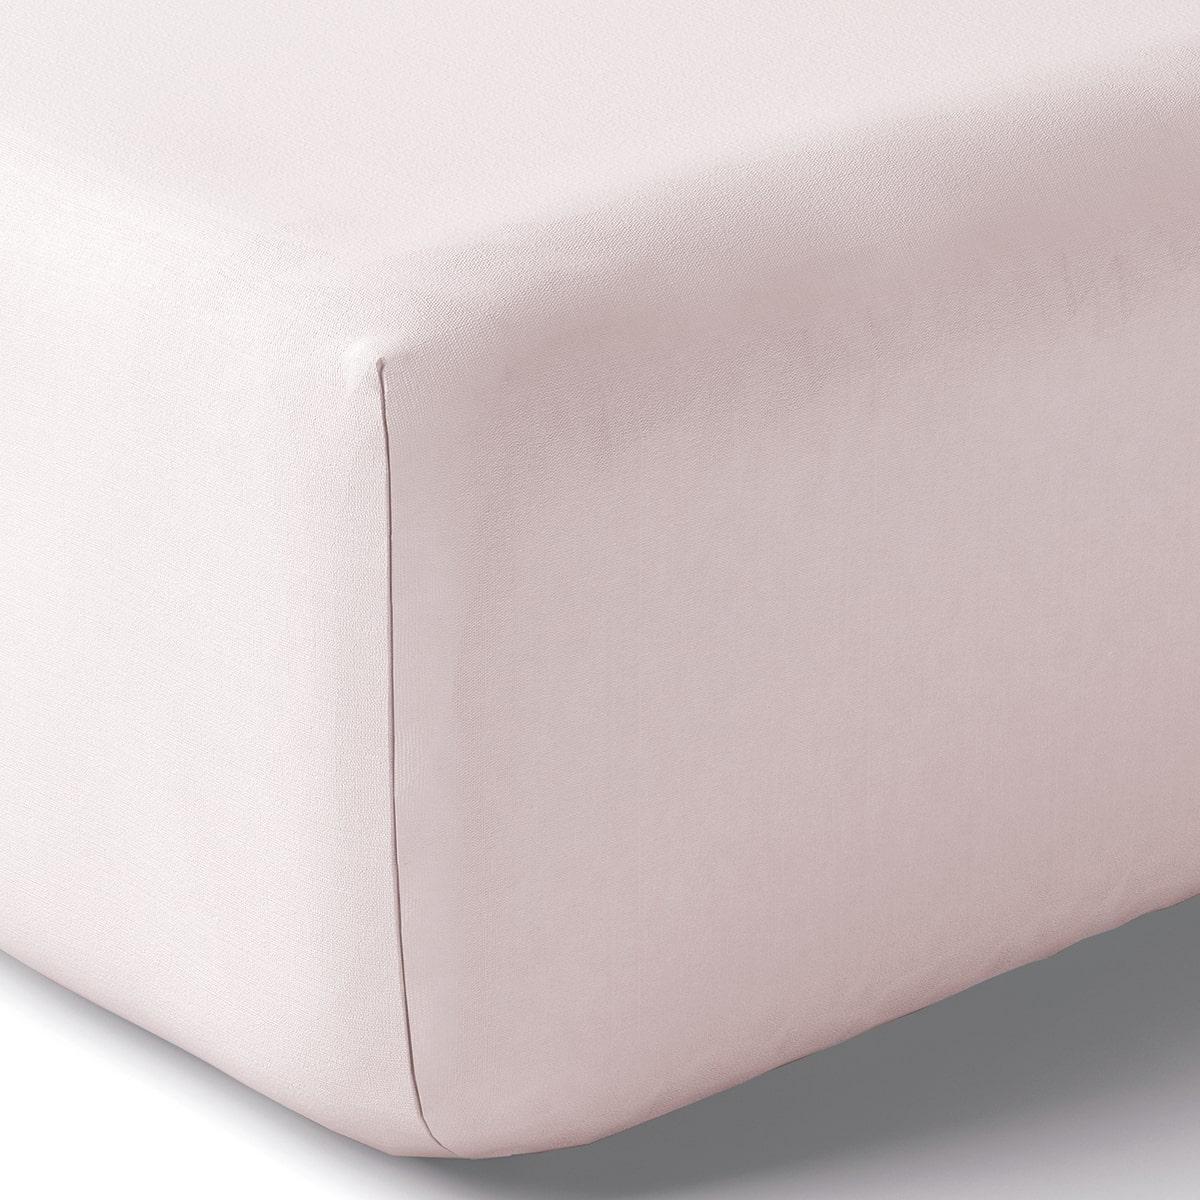 Drap housse coton 120x200 cm ecaille